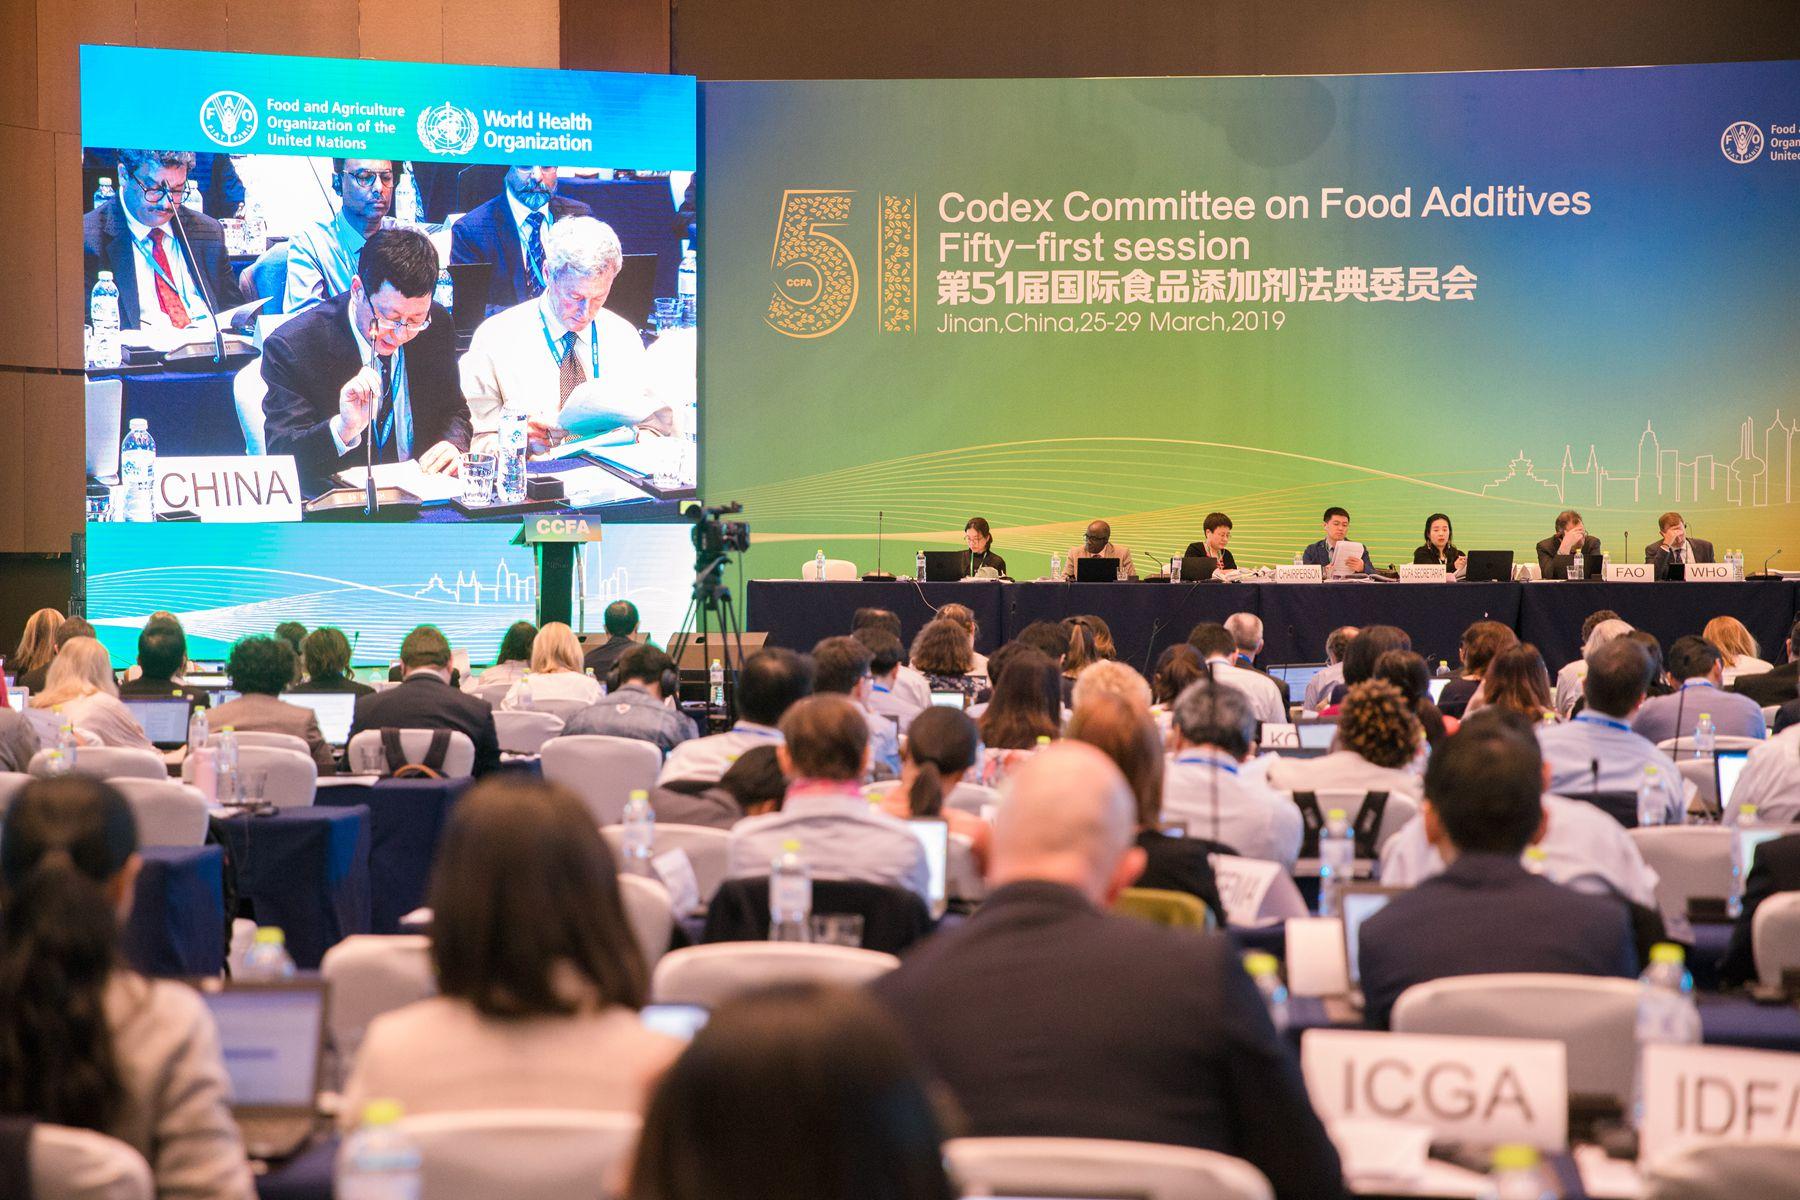 CCFA51-plenary